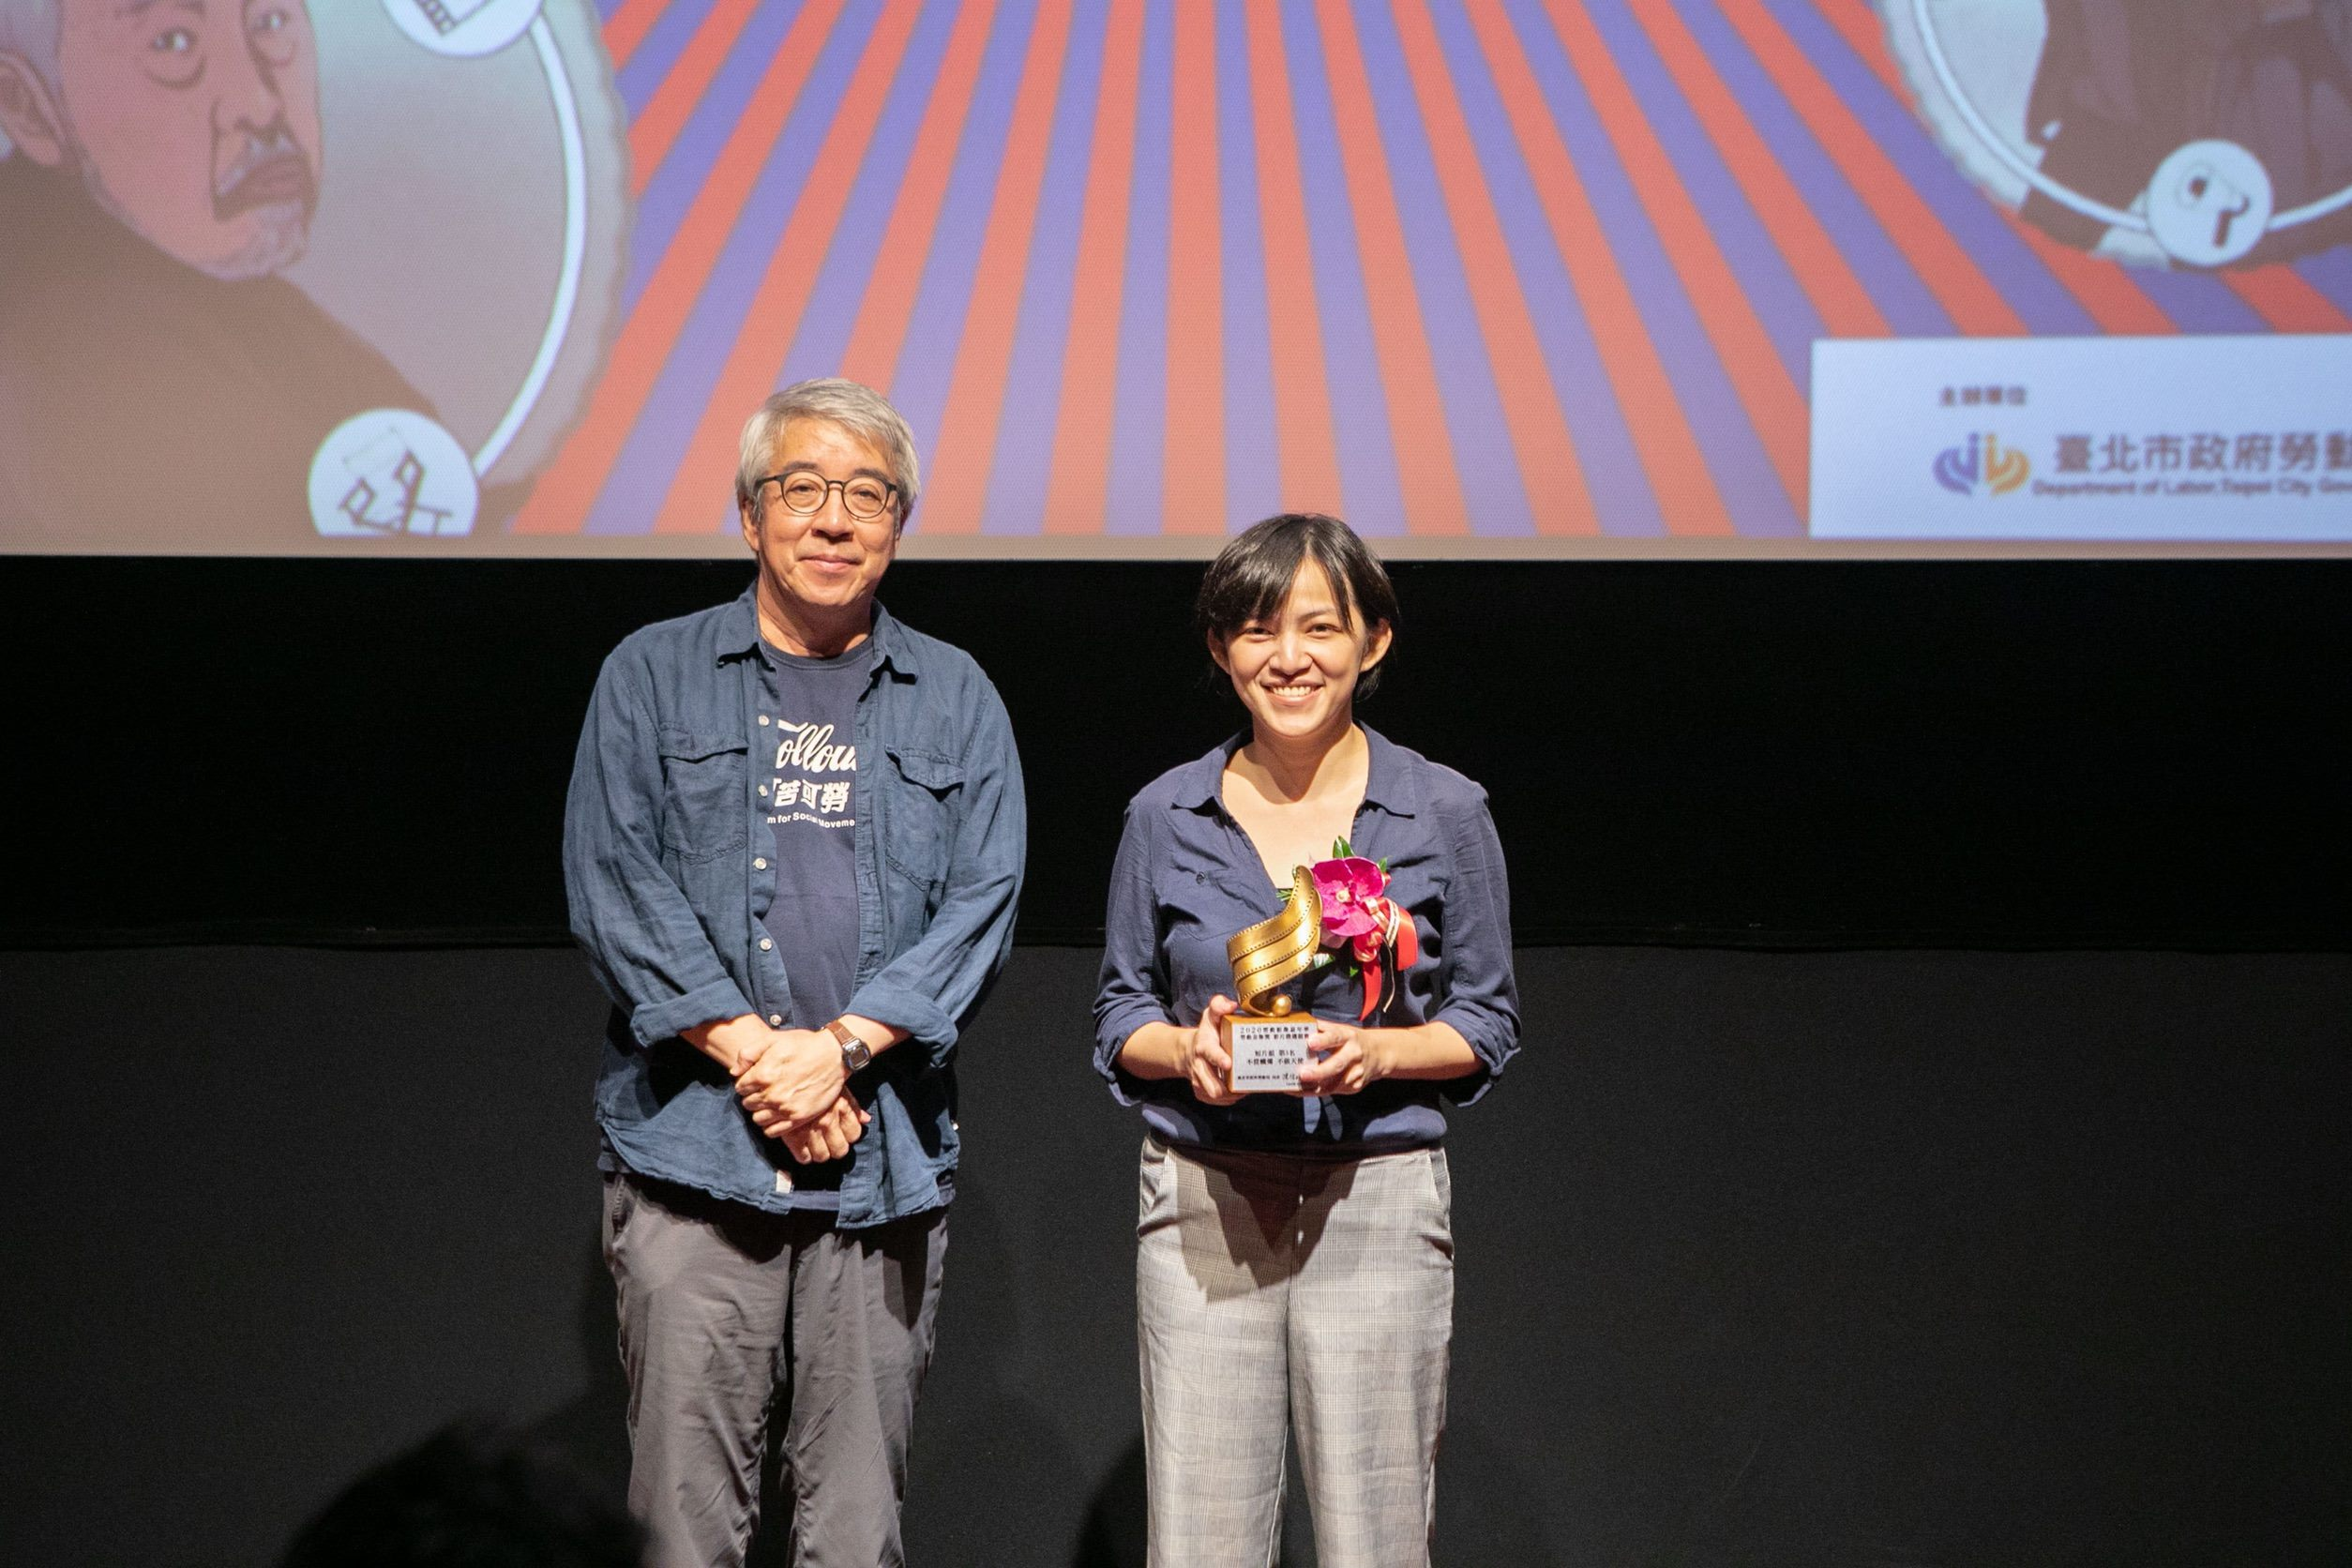 郭力昕評審頒發短片組第3名予陳愛蓉執導《不當蠟燭 不做天使》